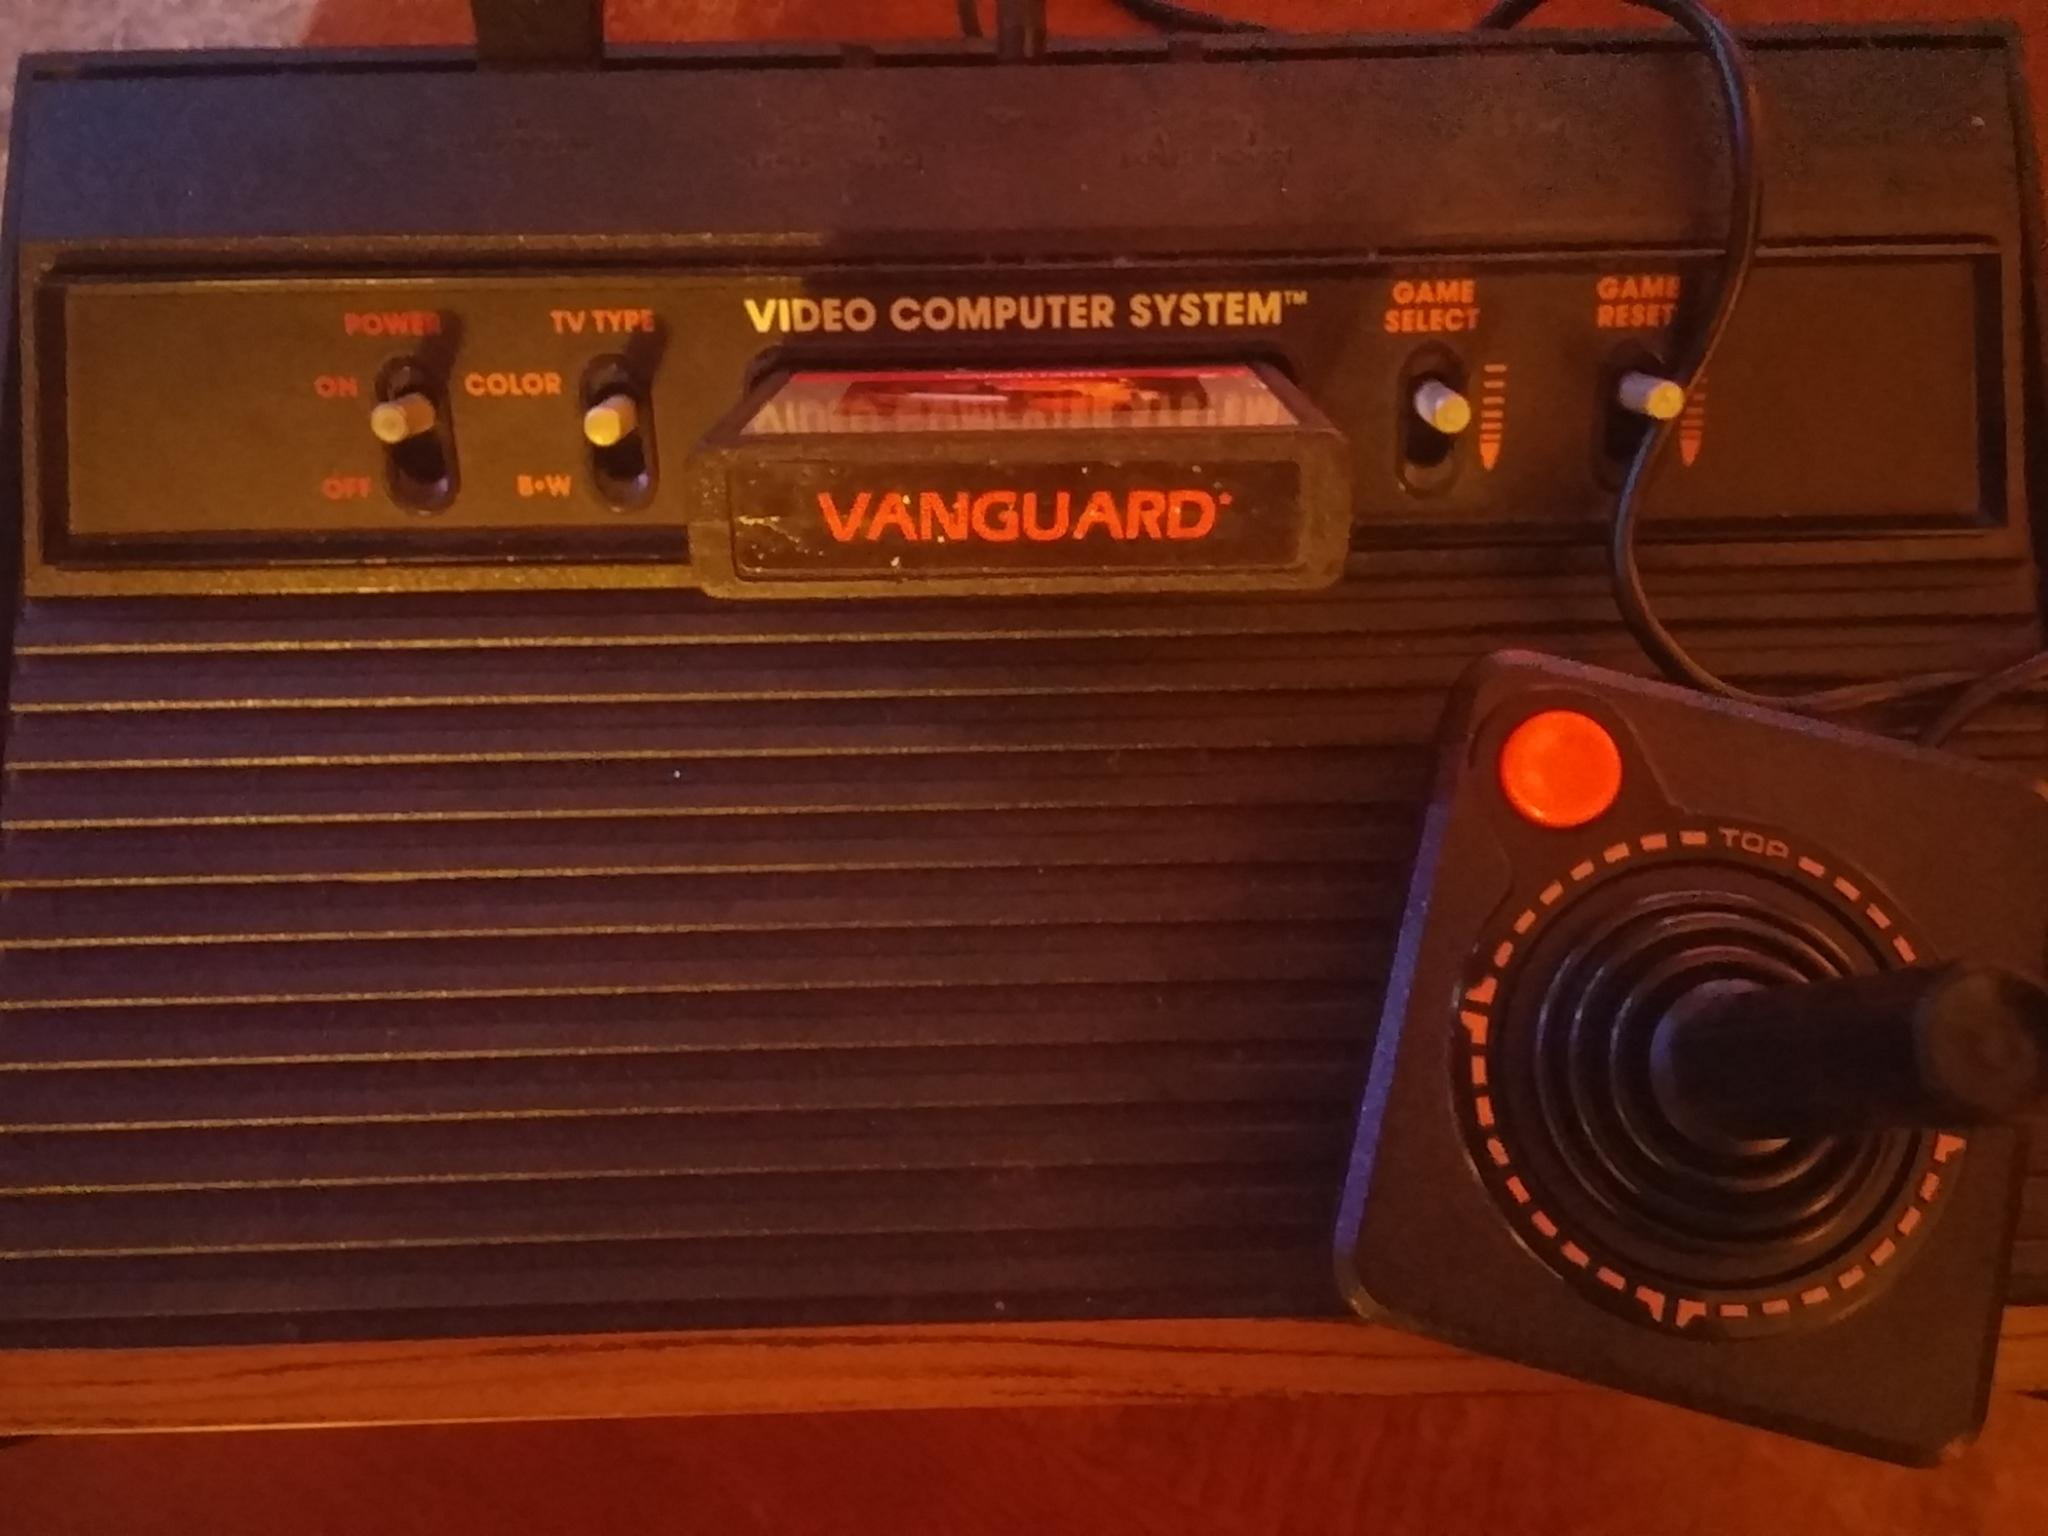 Vanguard 7,850 points